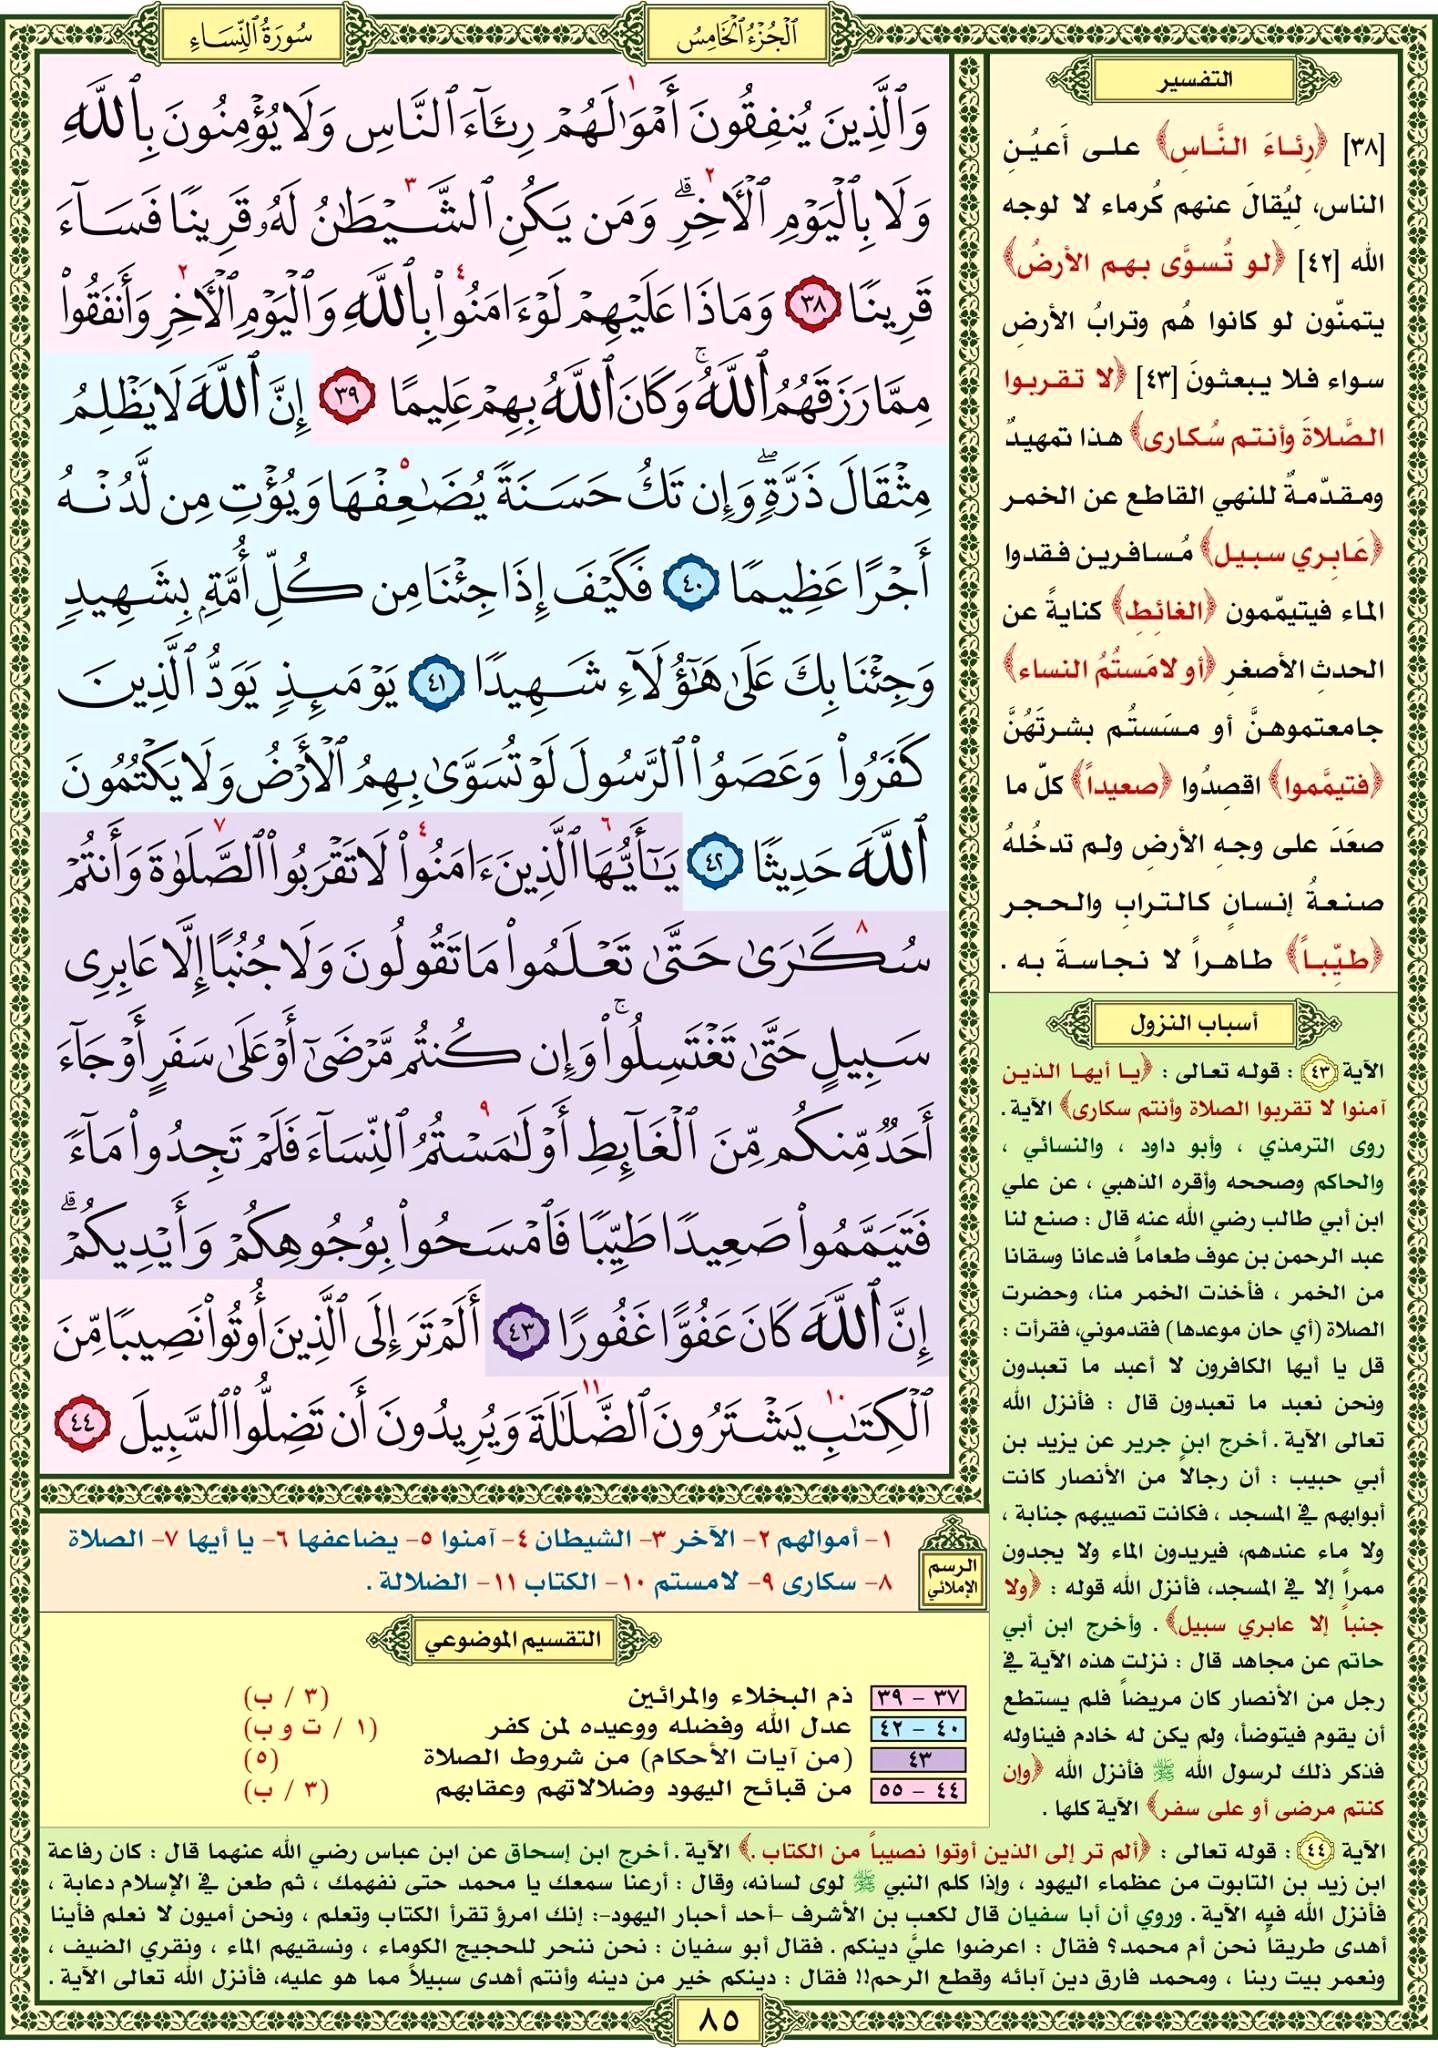 سورة النساء صفحة رقم ٨٥ مصحف التقسيم الموضوعي للحافظ المتقن Quran Verses Verses Quran